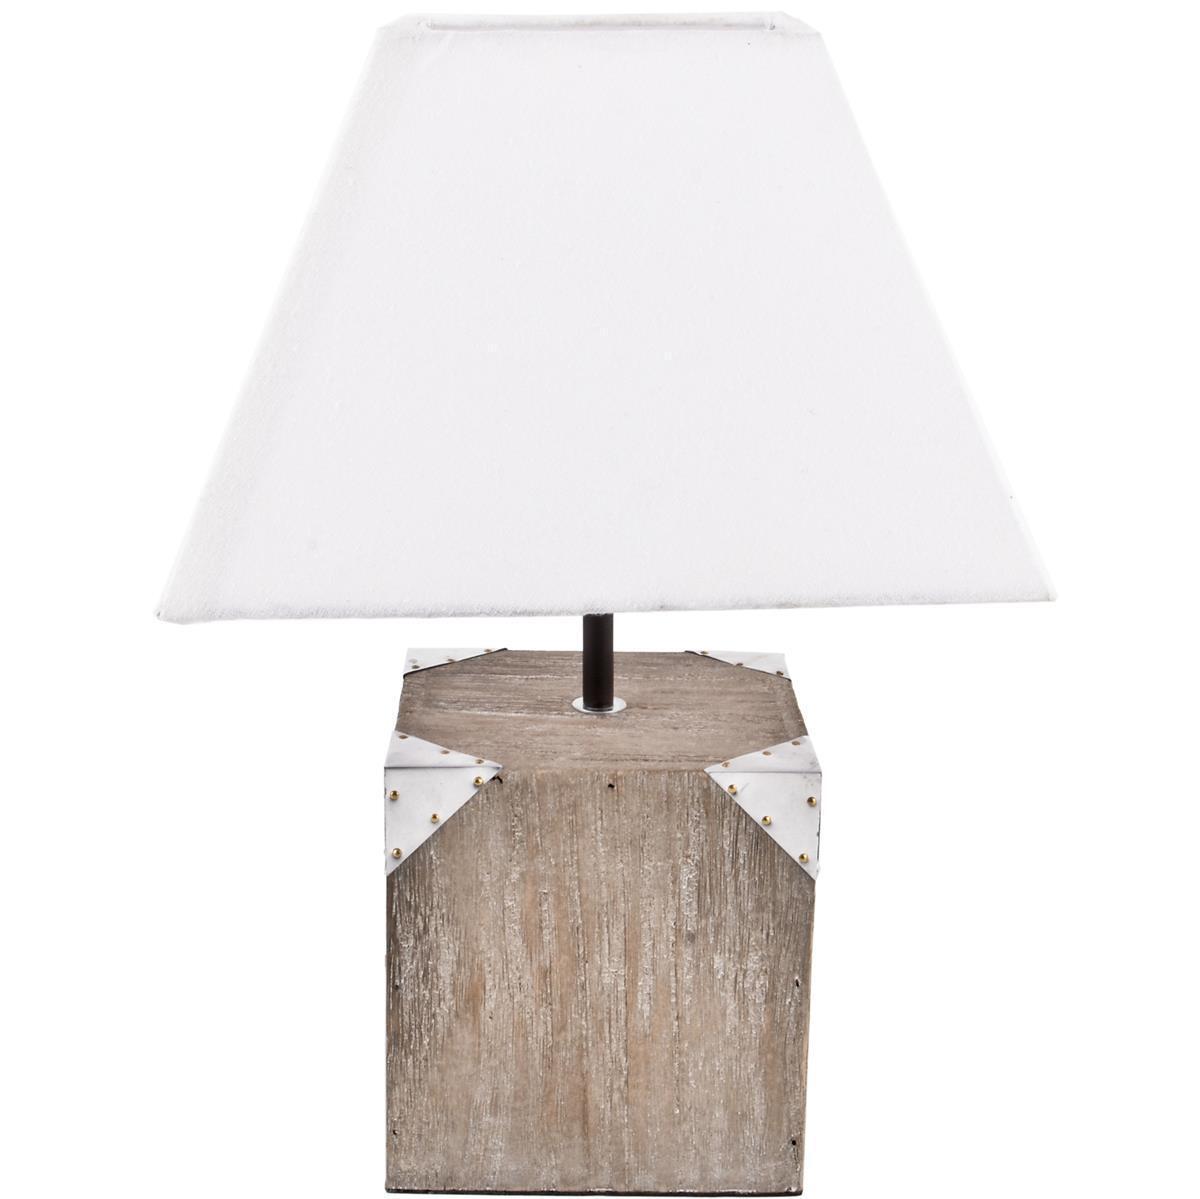 Lampadaire St. Maarten deco-design bois 43x30x30cm de Boue-Blanc Lampe